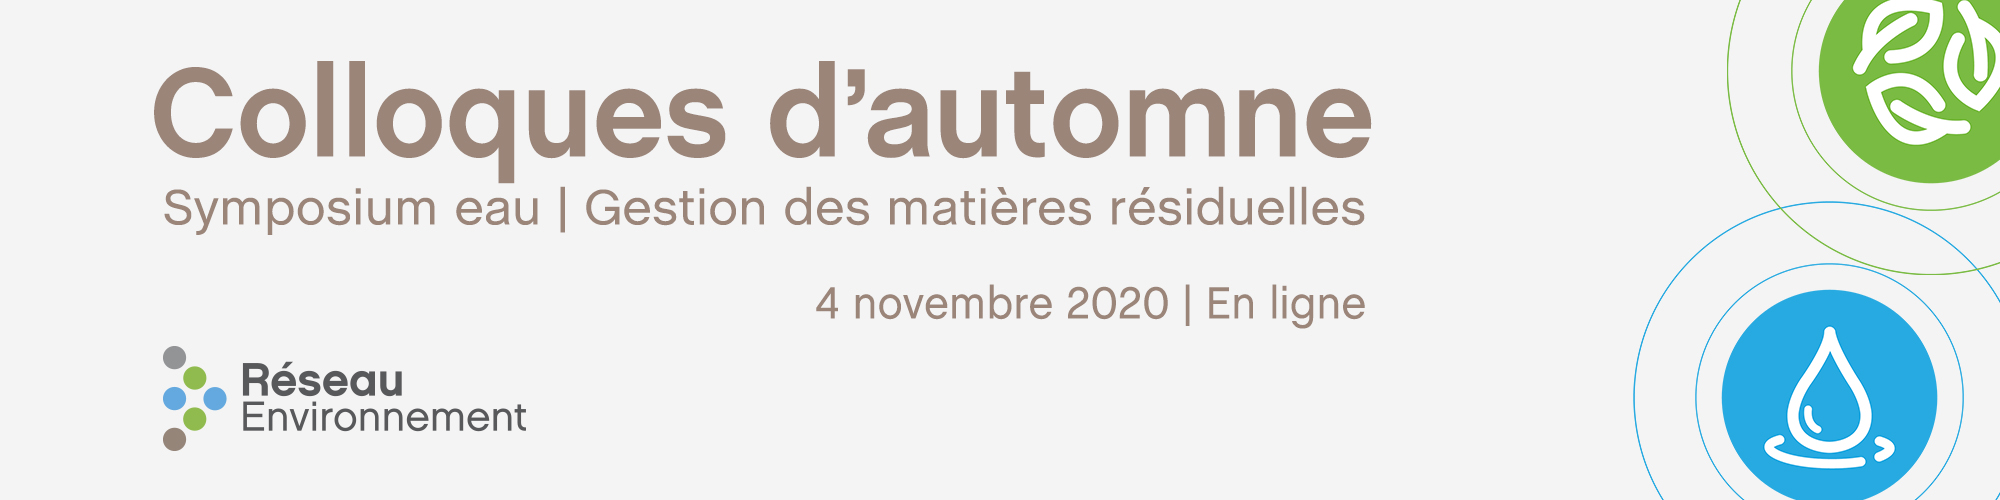 Colloque-automne-2020-2000x500-blanc